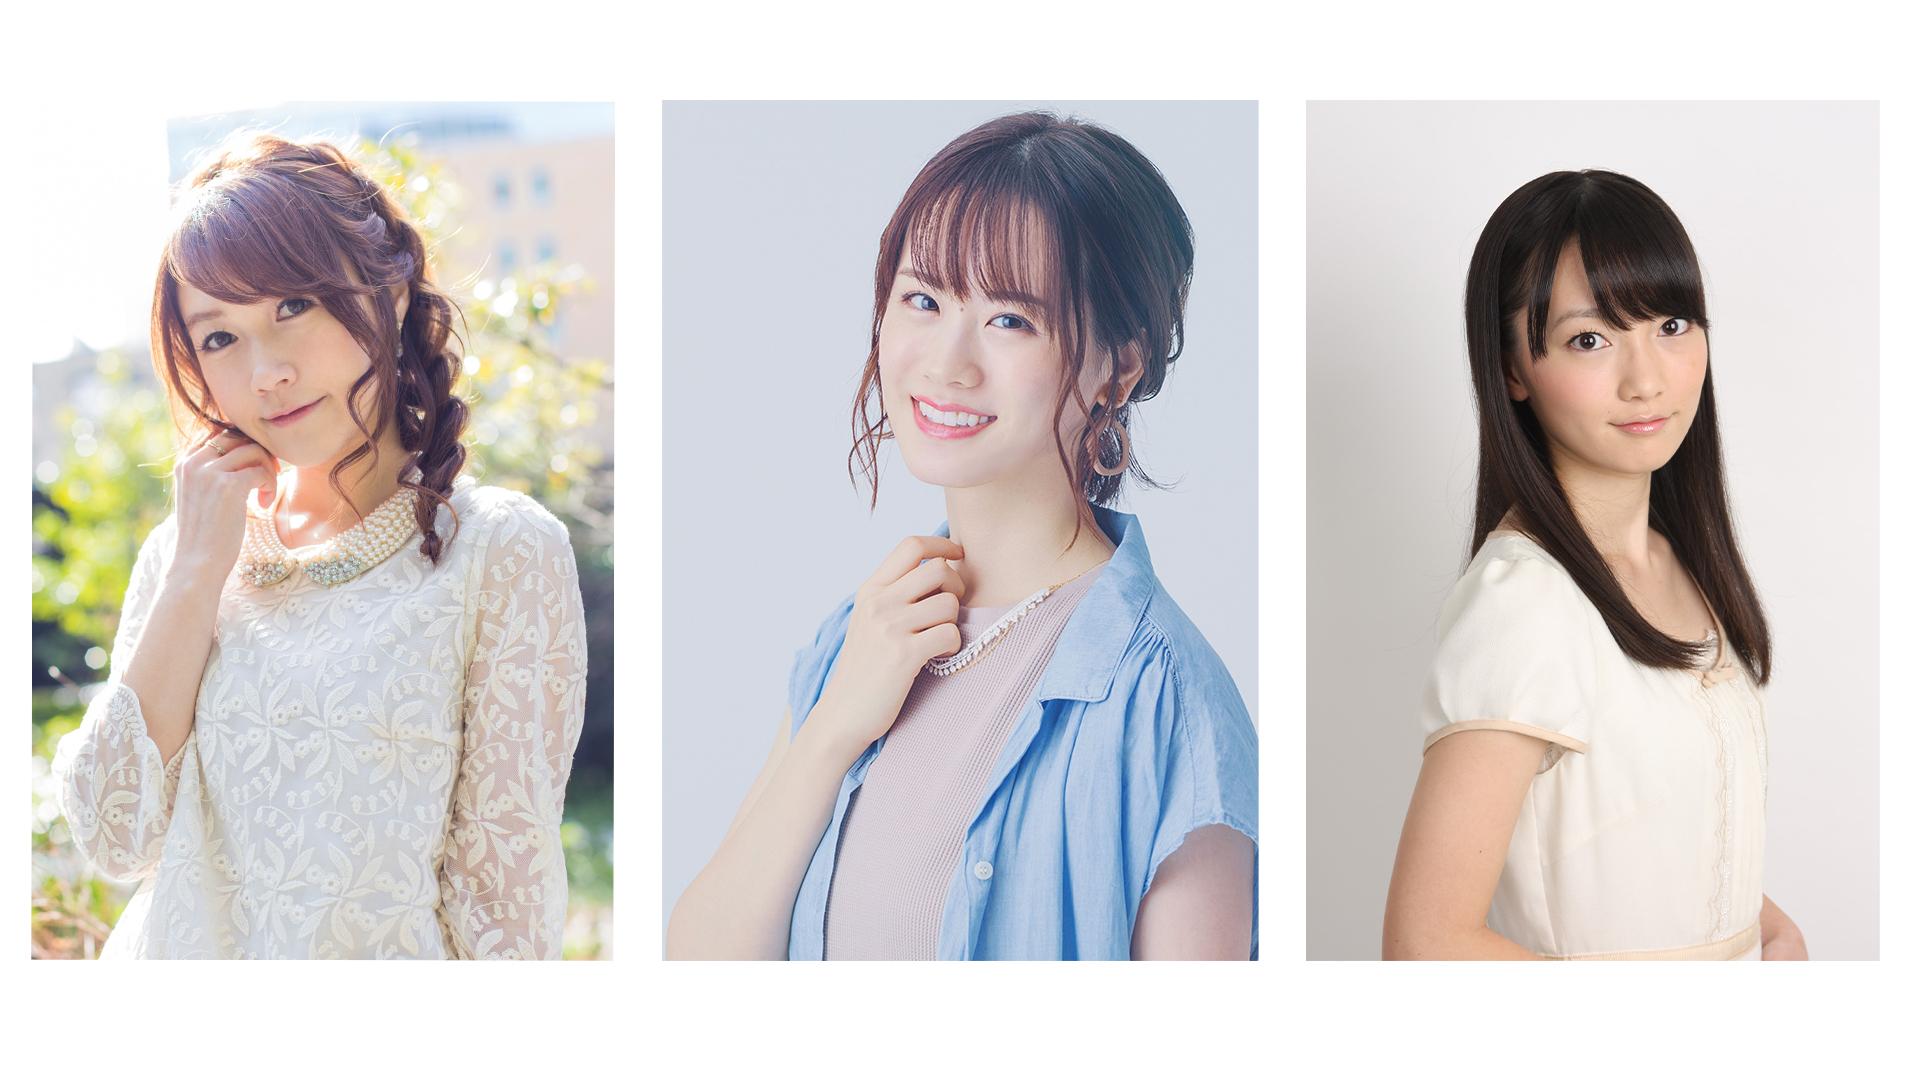 (左から)佐藤利奈さん、 瀬戸麻沙美さん、 藤田茜さん